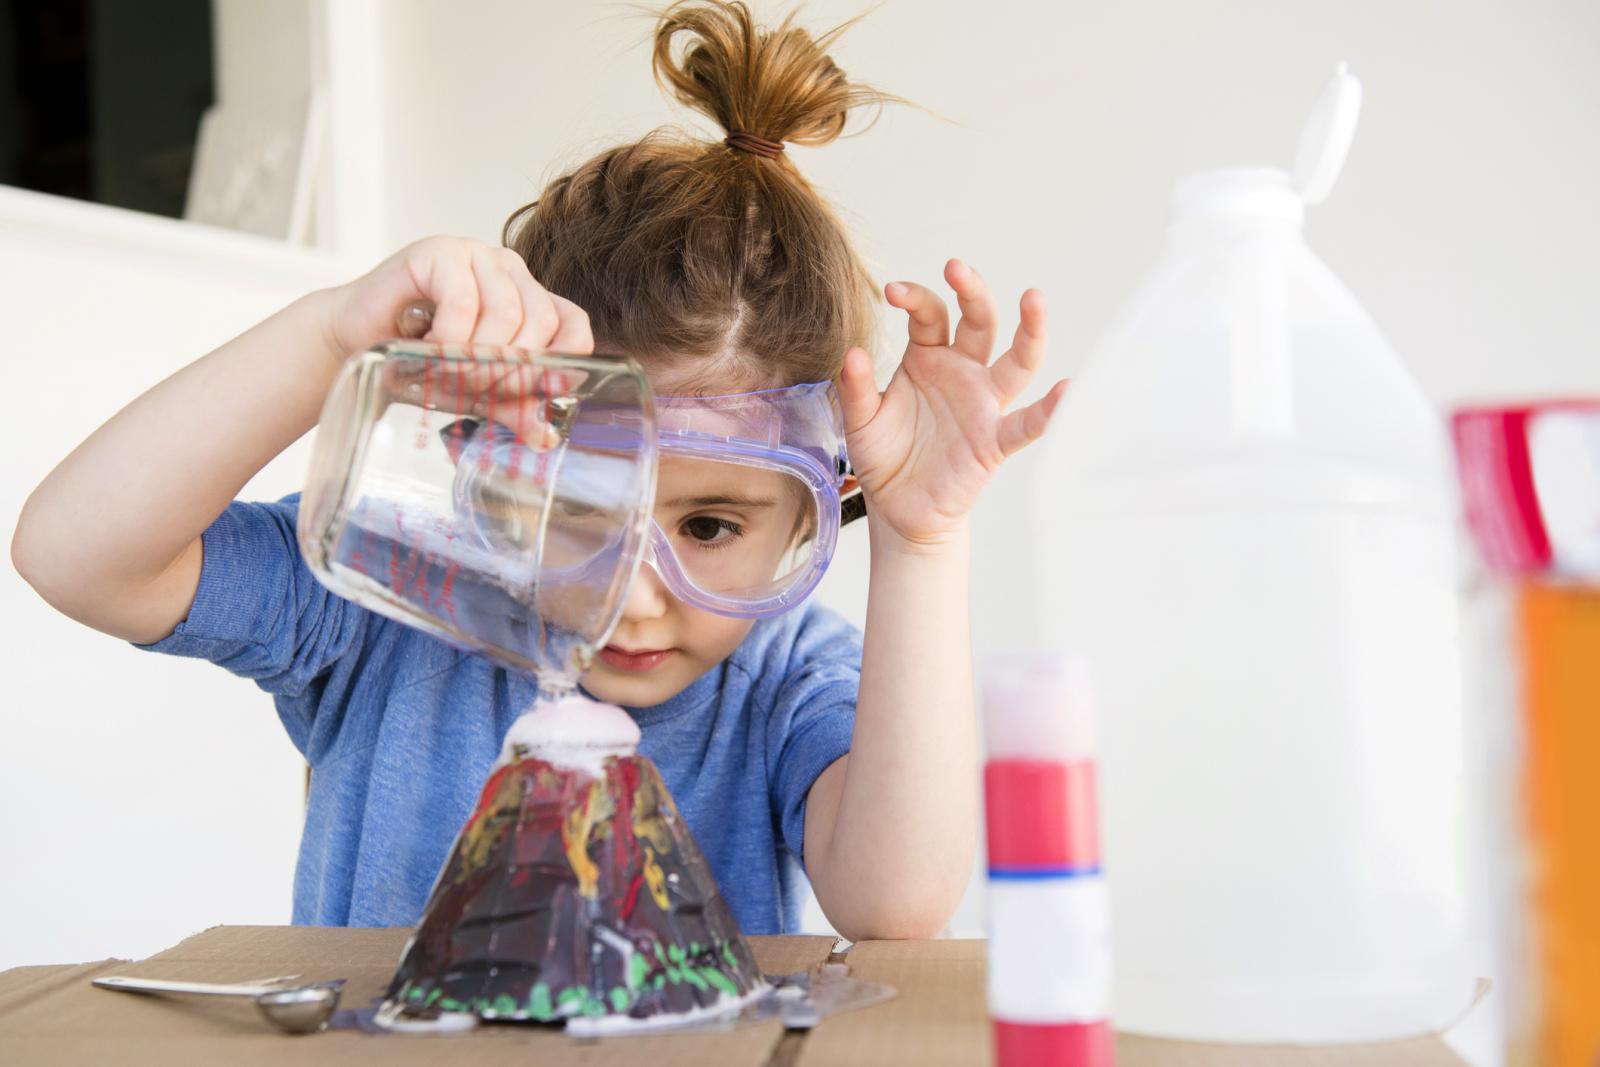 Girl making volcano